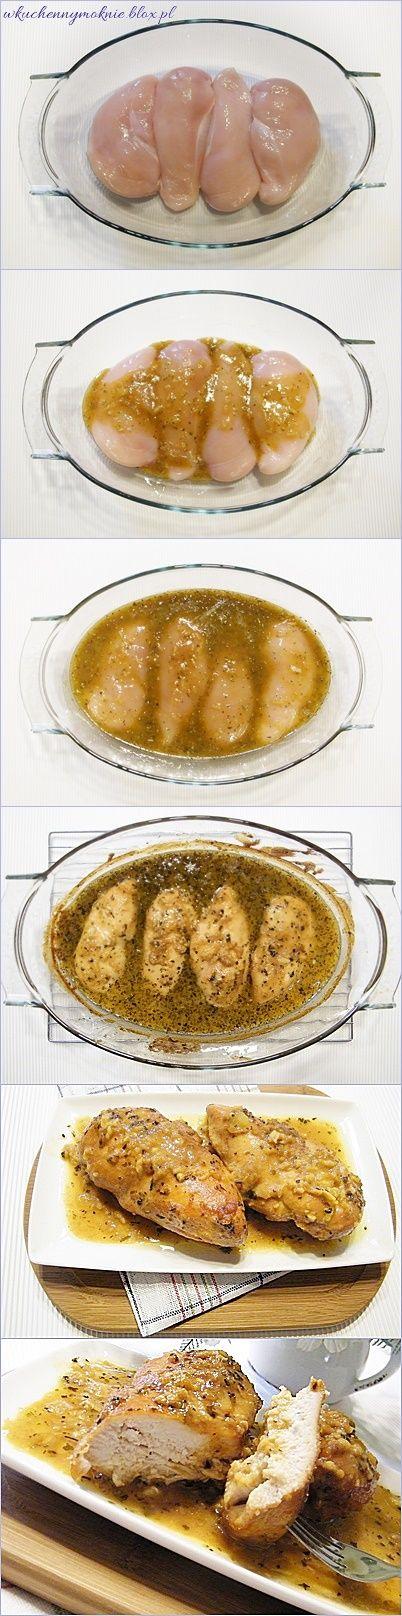 filety z kurczaka w sosie miodowo-musztardowym